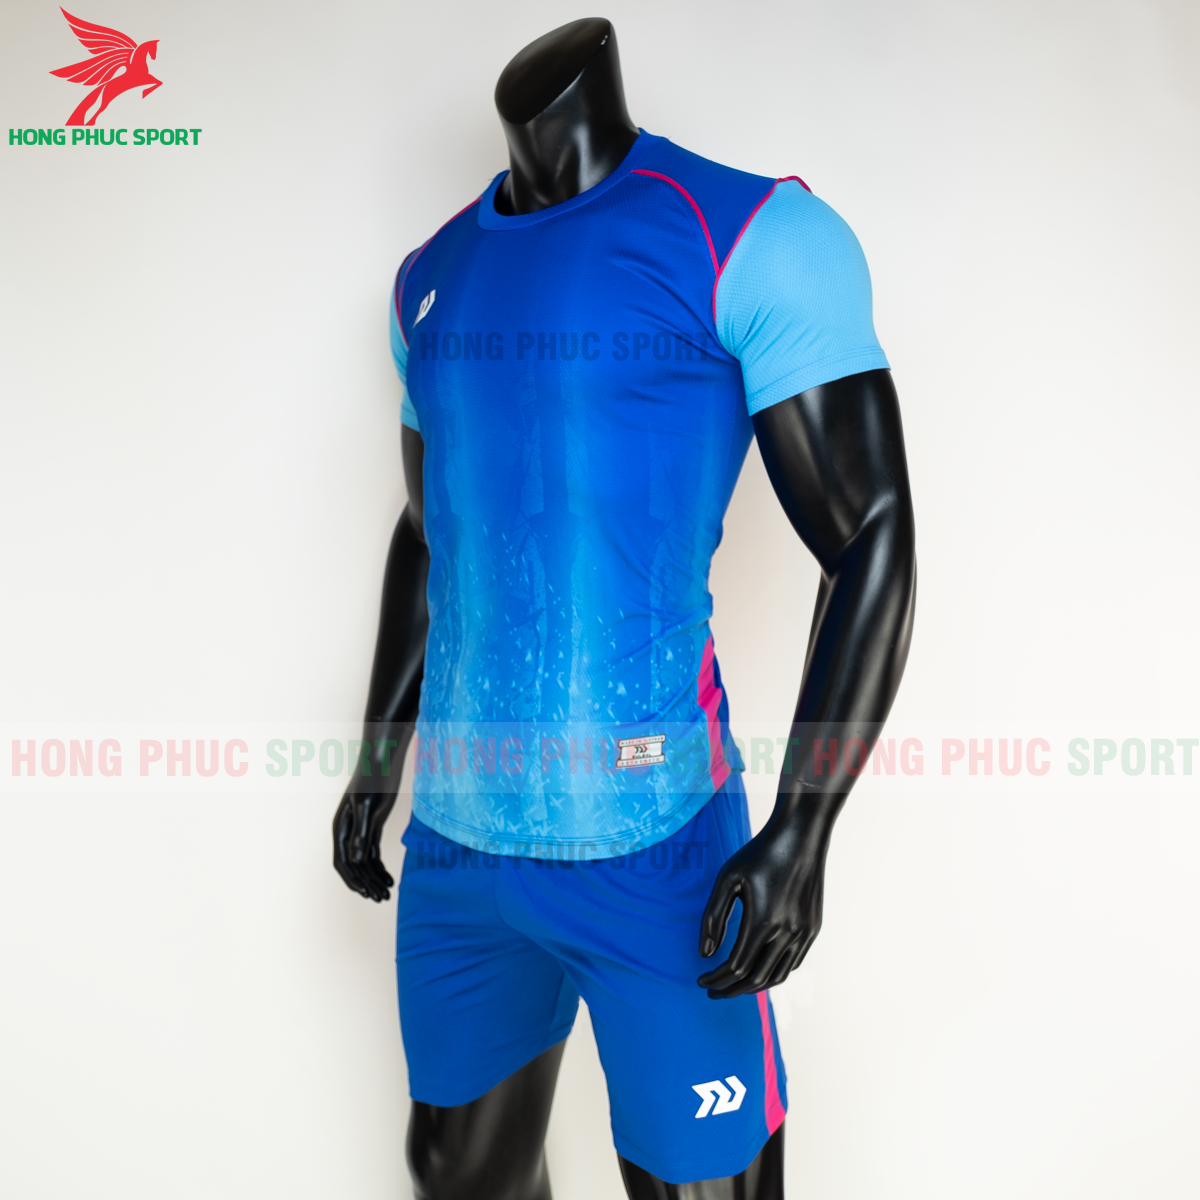 https://cdn.hongphucsport.com/unsafe/s4.shopbay.vn/files/285/ao-bong-da-khong-logo-bulbal-hades-mau-xanh-duong-4-604f32fa0f29a.png